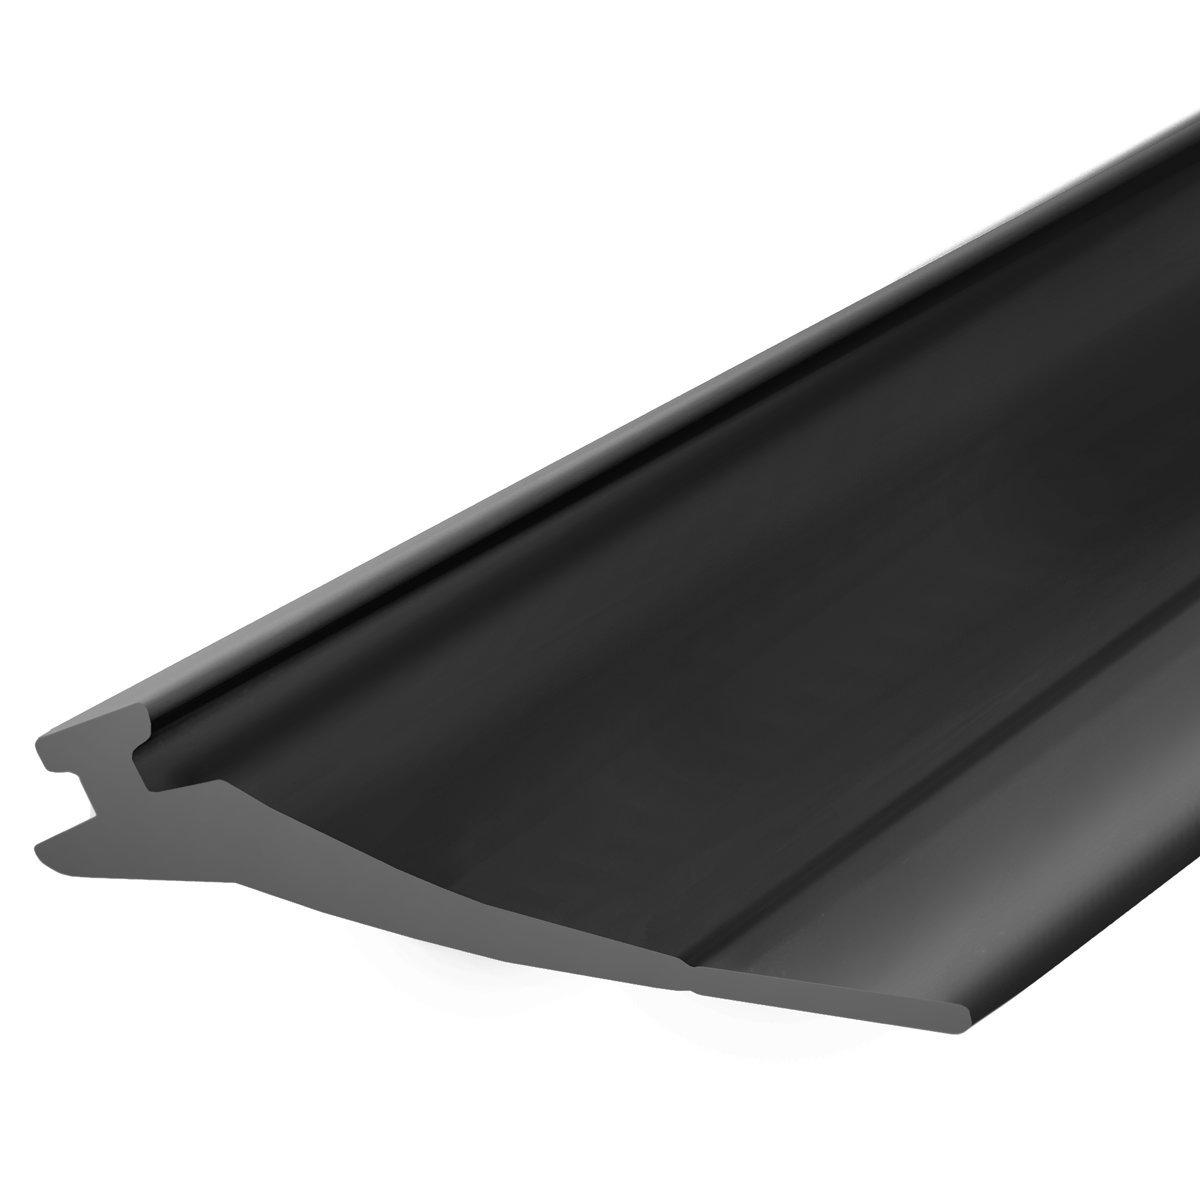 STEIGNER Garage Door Weather Seal SBD03 Garage Gate Seal Insulation, Black, 52x2 mm, 3,5 m